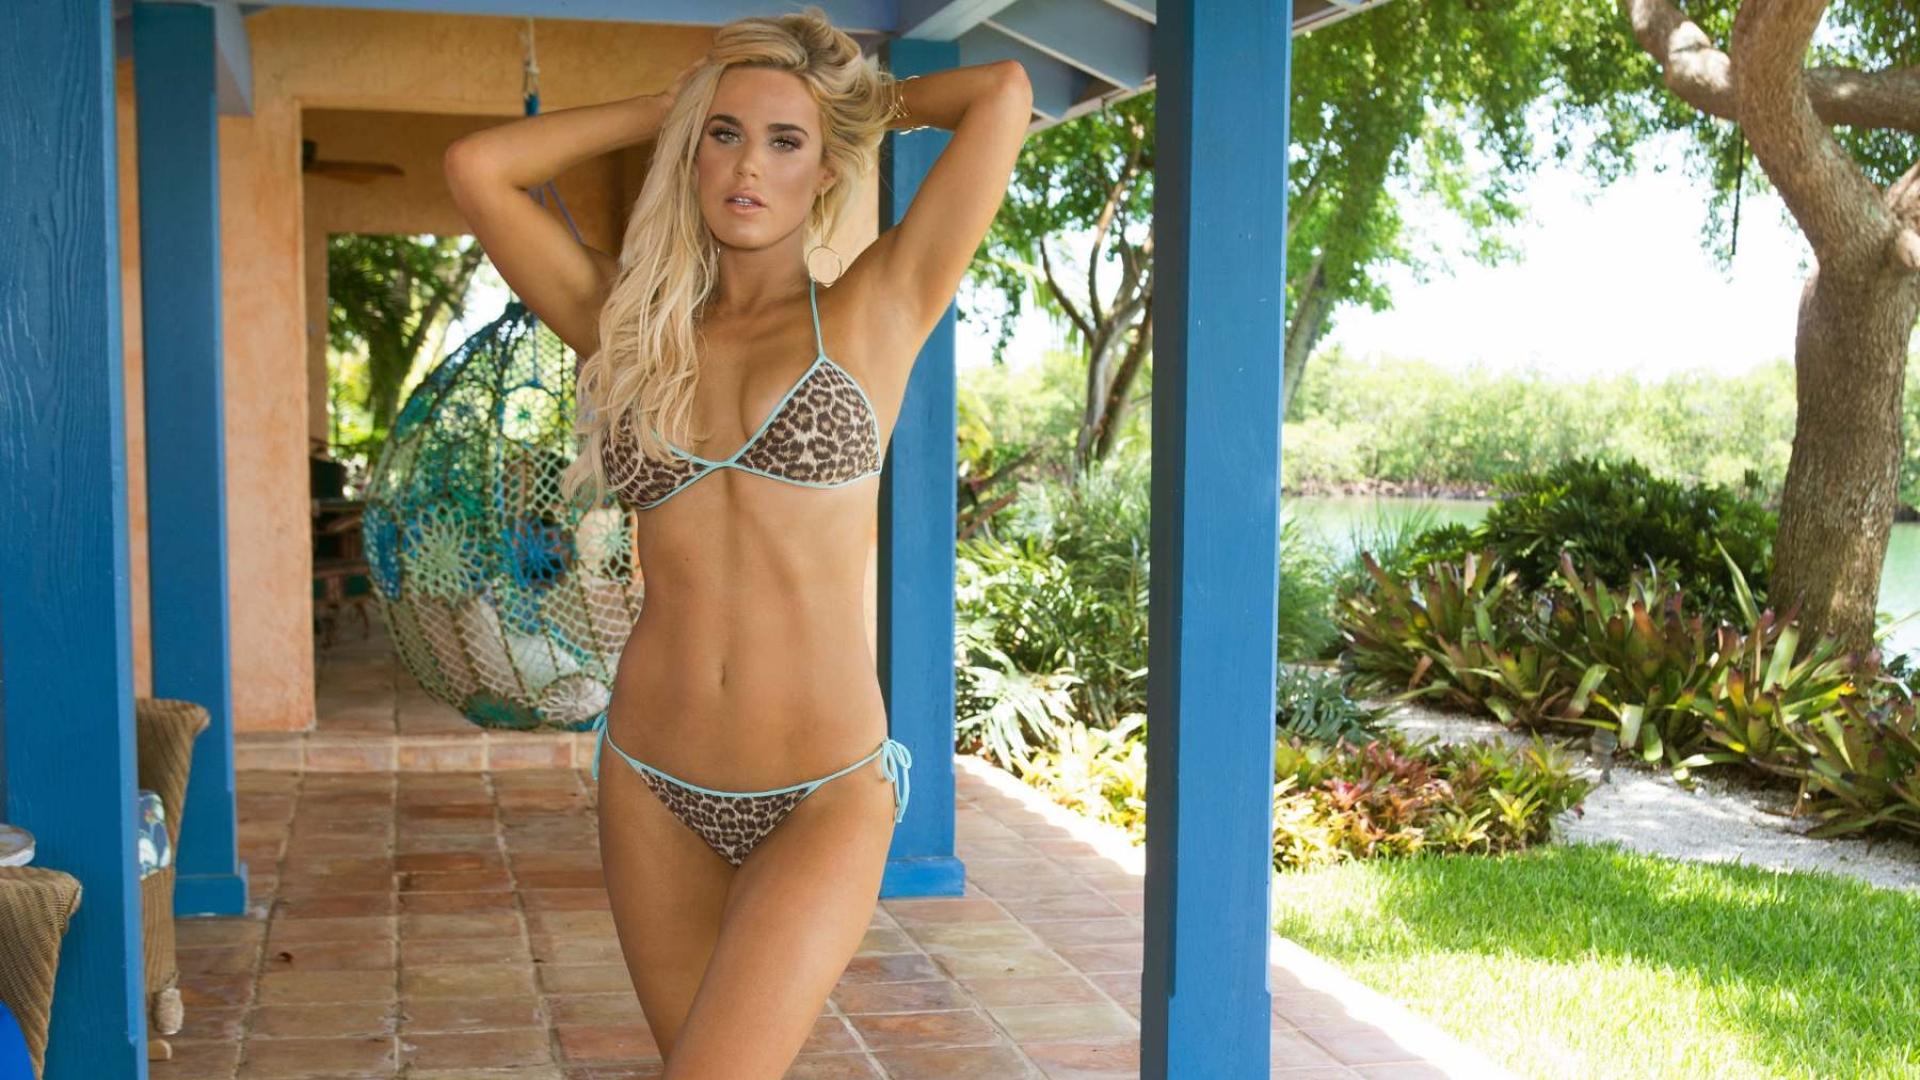 Wwe lana in bikini full hd wallpaper - Hd bikini wallpaper download ...